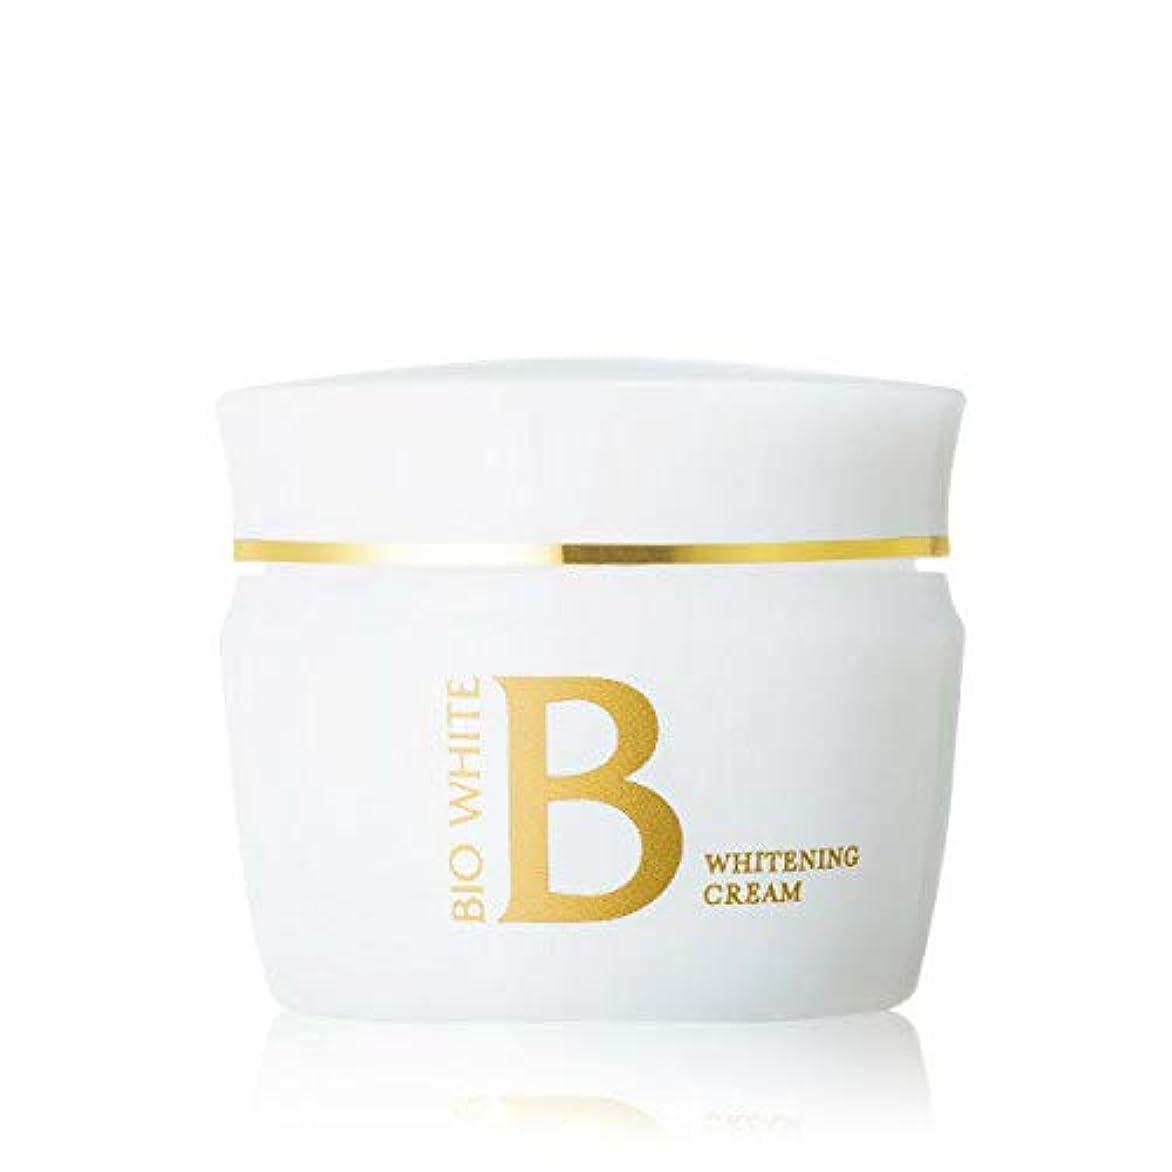 十分シンプルさ武器エビス化粧品(EBiS) エビス ビーホワイトクリーム 40g 美白クリーム トラネキサム酸 配合 医薬部外品